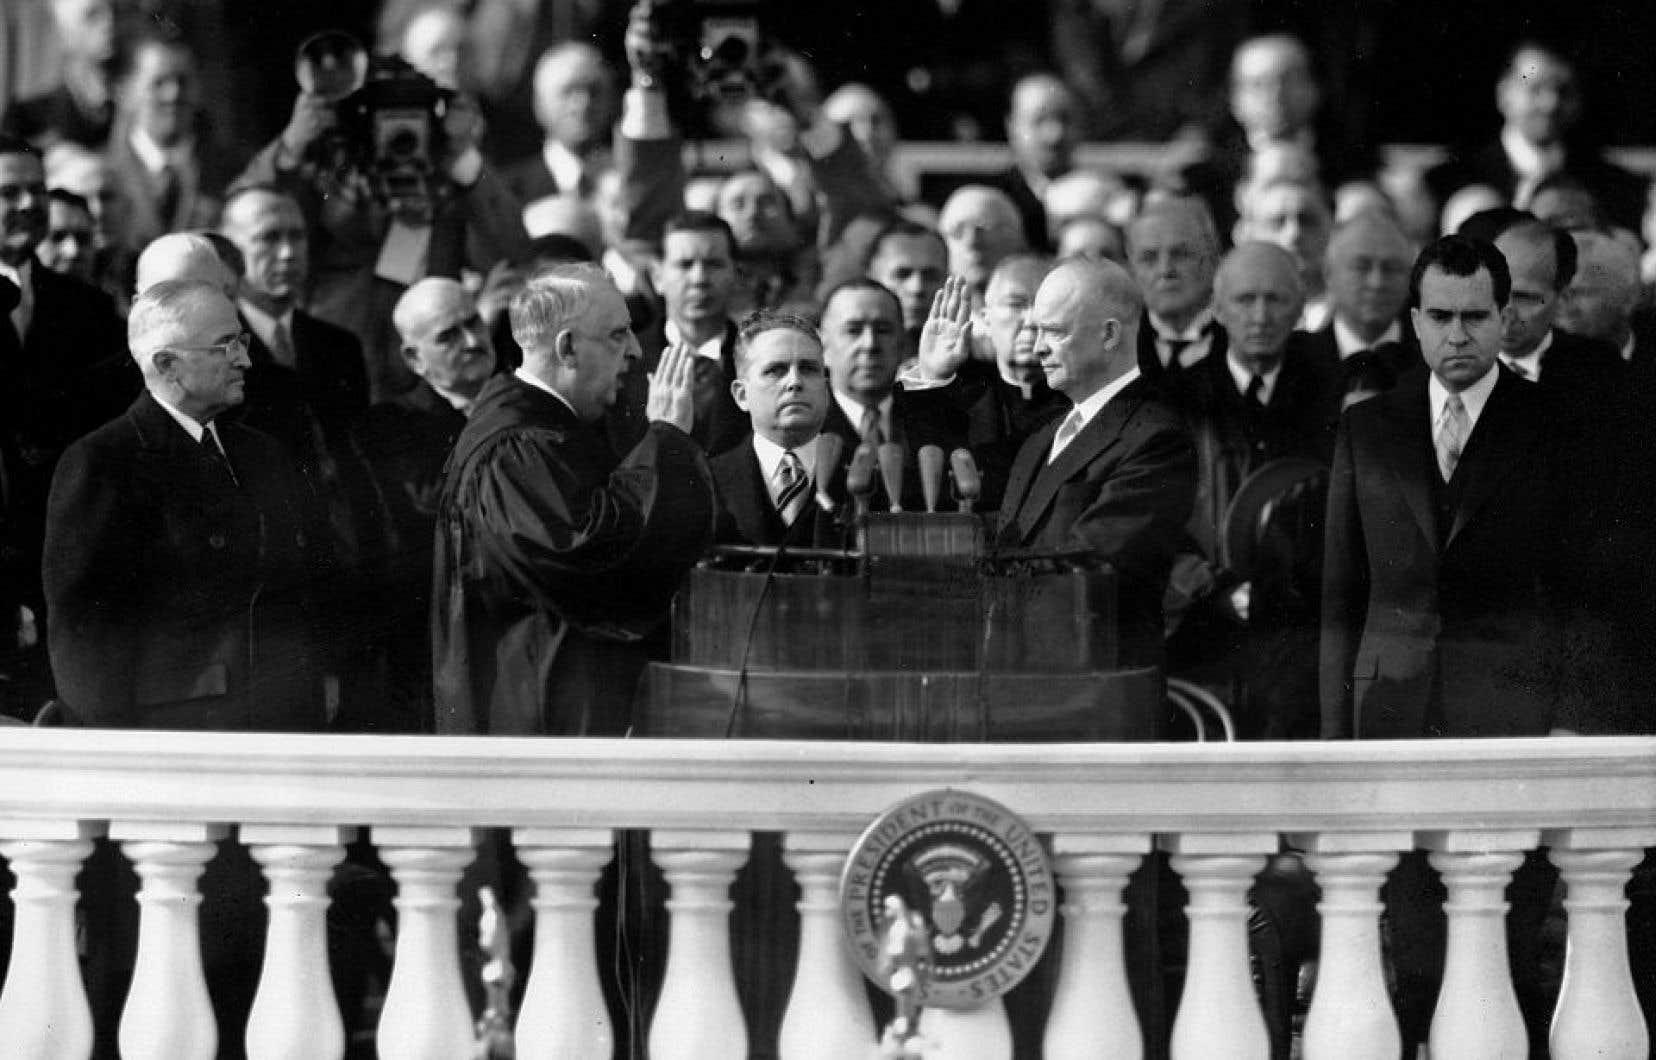 Le 20 janvier 1953, Dwight D. Eisenhower était assermenté comme 34e président des États-Unis par le juge en chef de la Cour suprême, Fred Vinson. Son vice-président Richard Nixon se tient à sa droite.